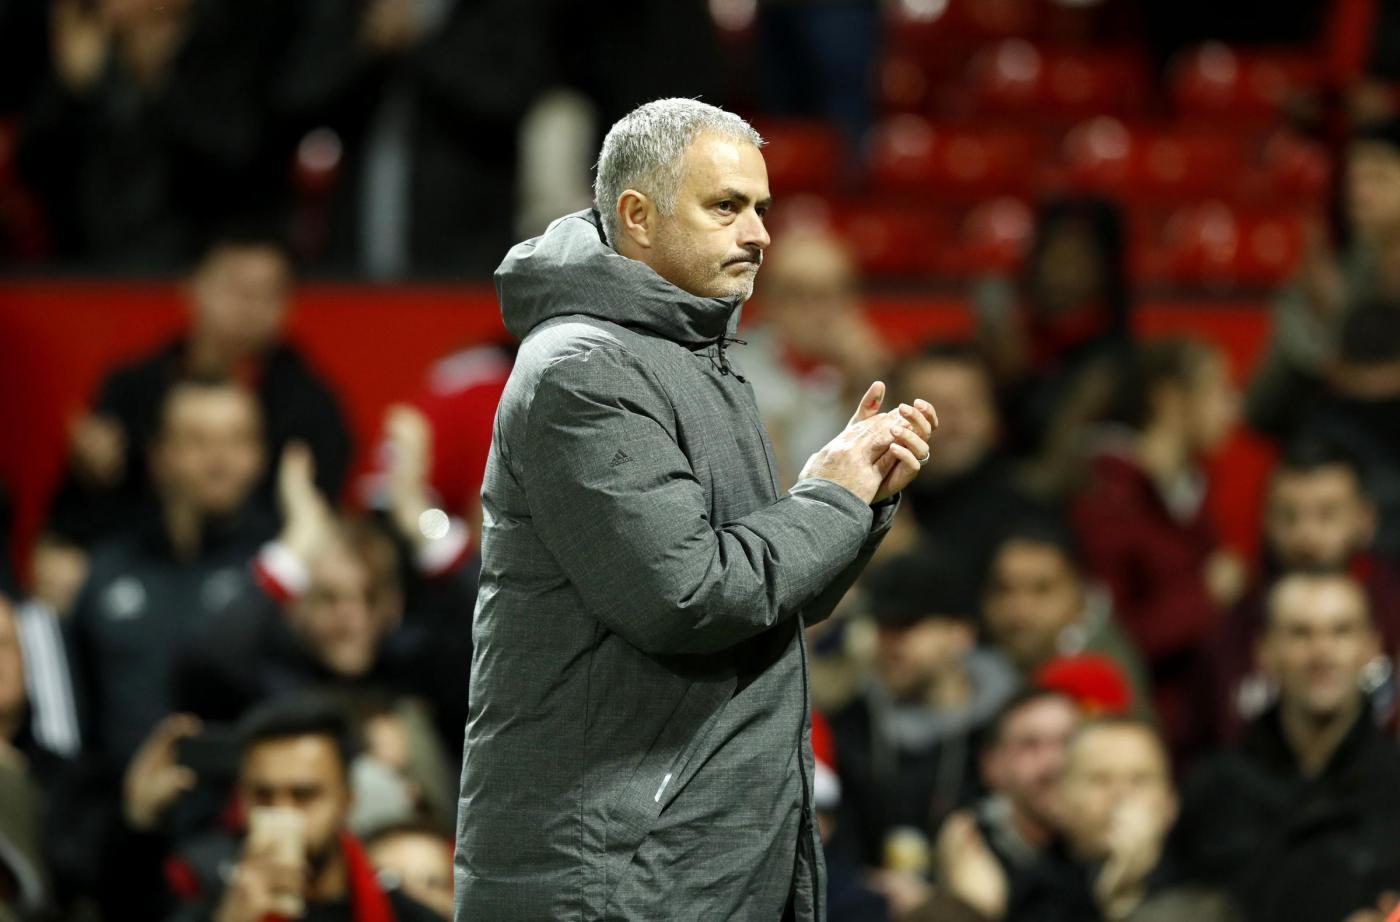 Manchester Utd-Huddersfield 3 febbraio, analisi e pronostico Premier League giornata 26